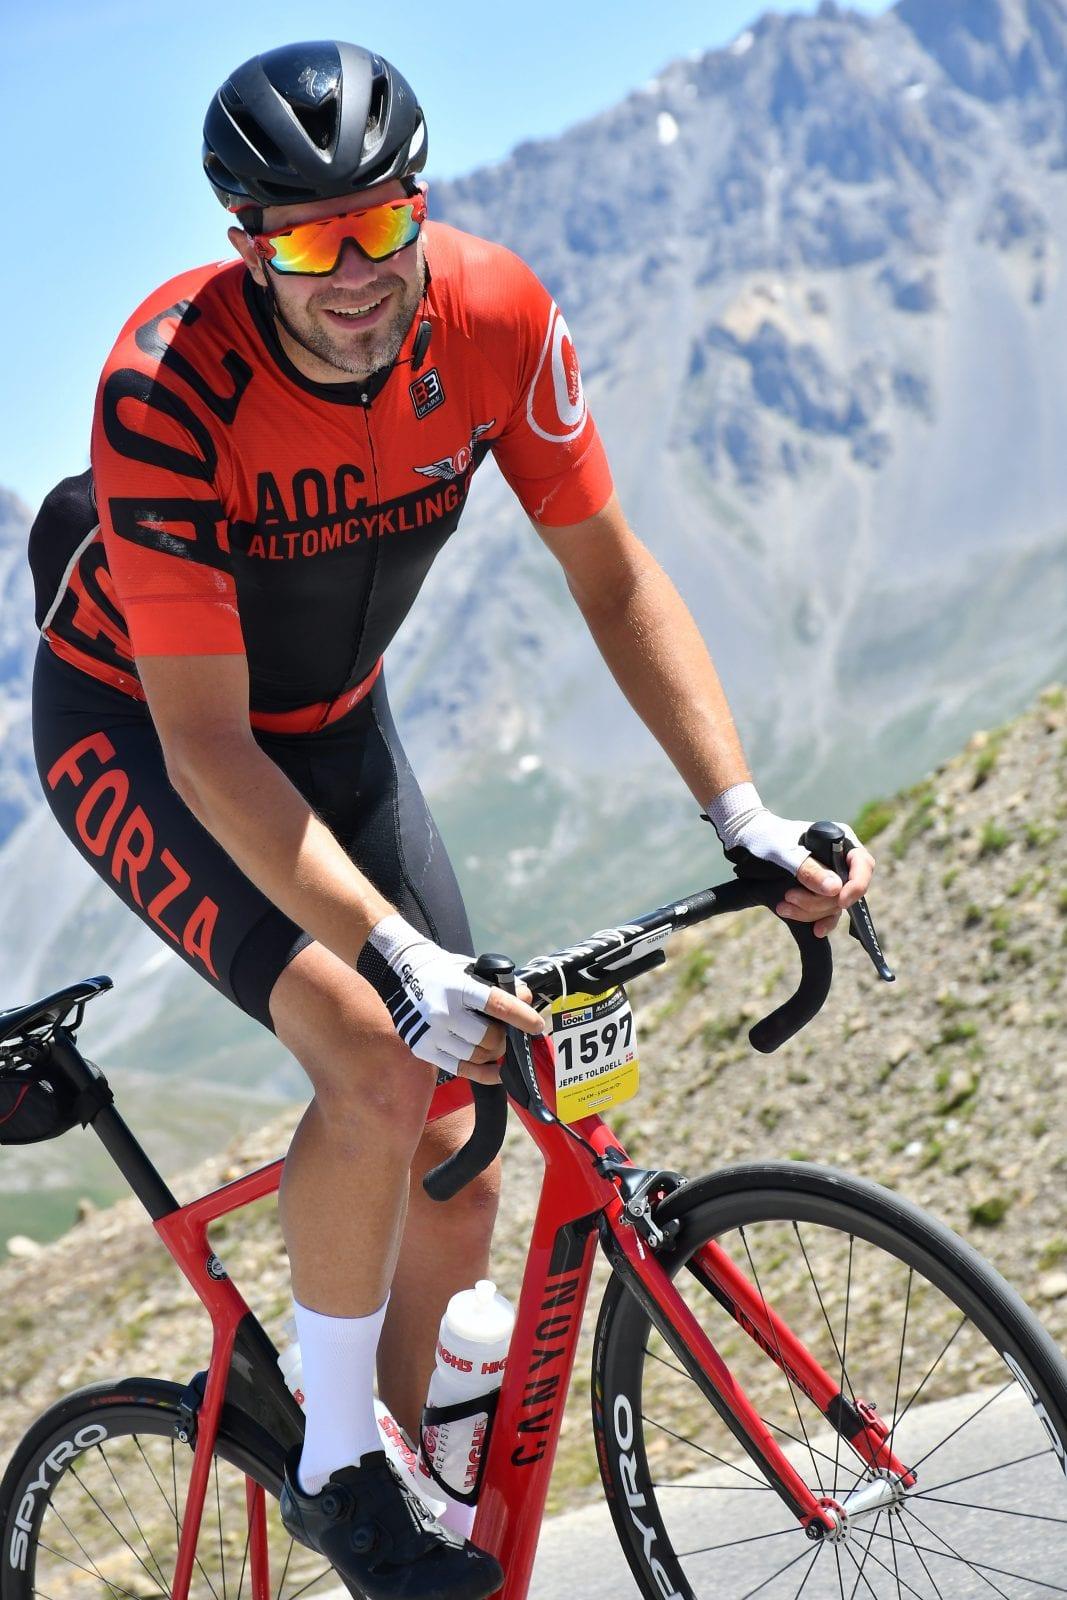 Jeppe Tolbøll La Marmotte 2018 AltomCykling.dk